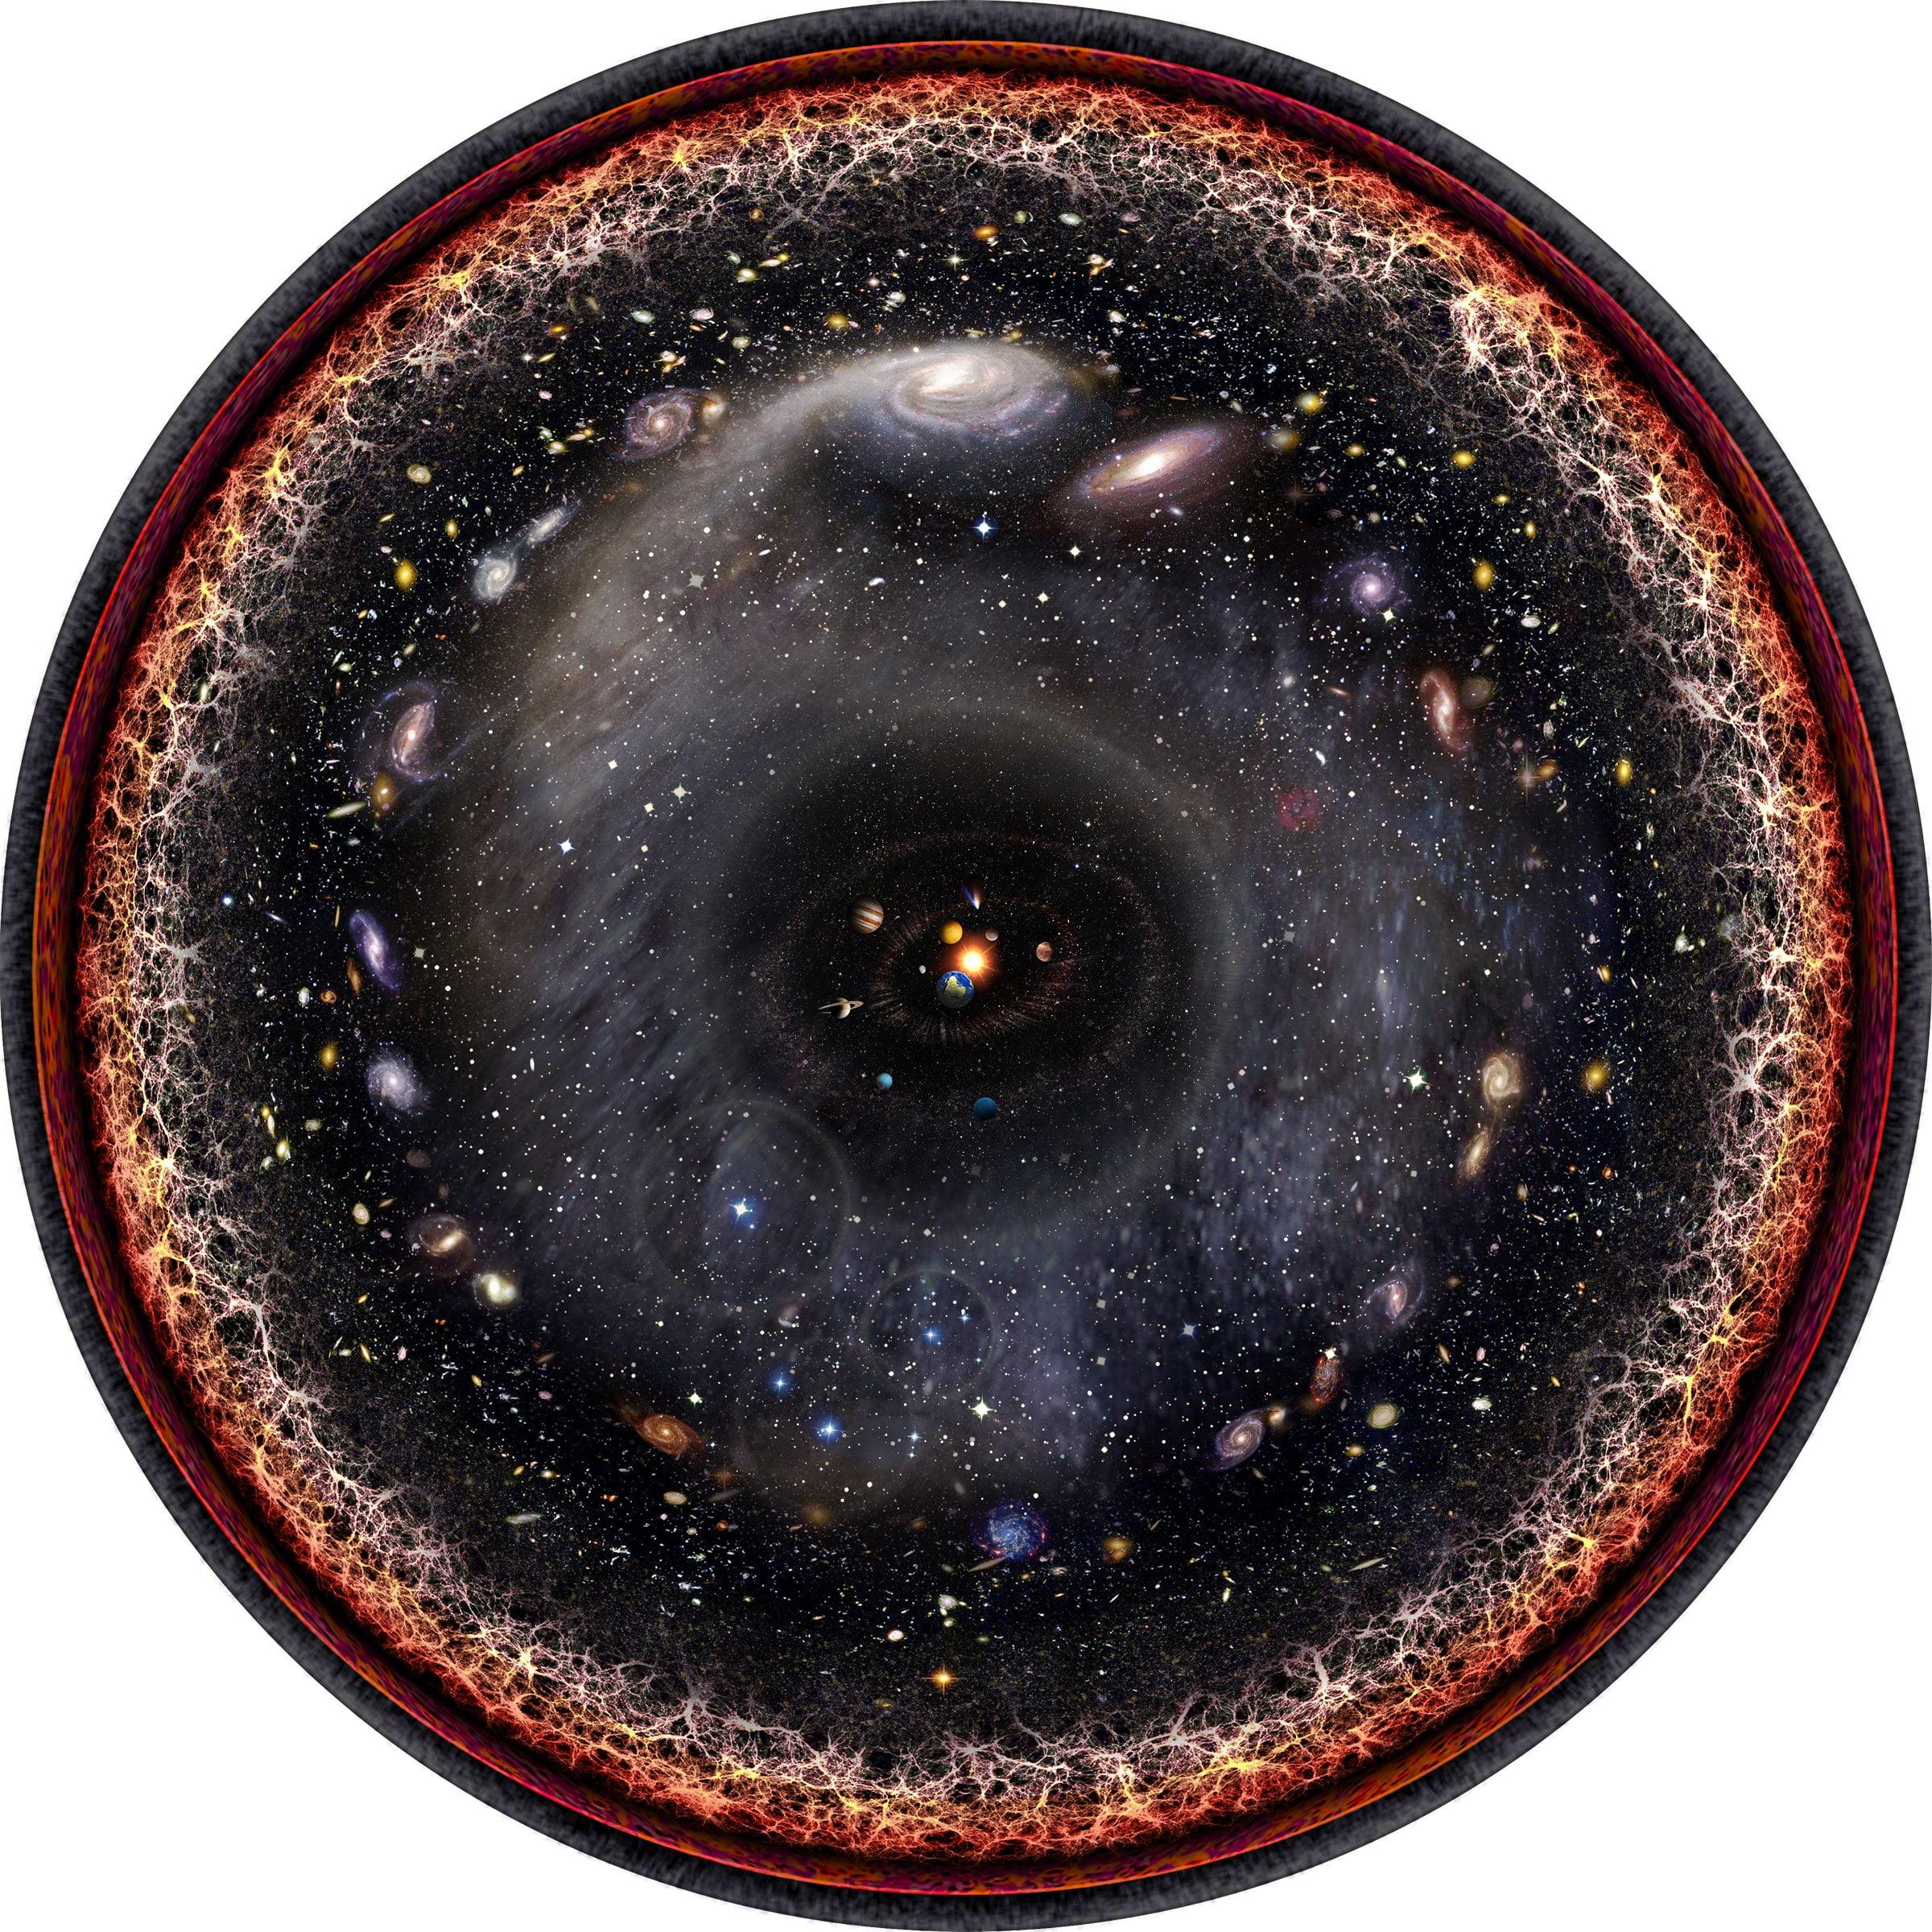 carte-logarithmique-univers L'image du jour : tout l'univers dans une carte logarithmique